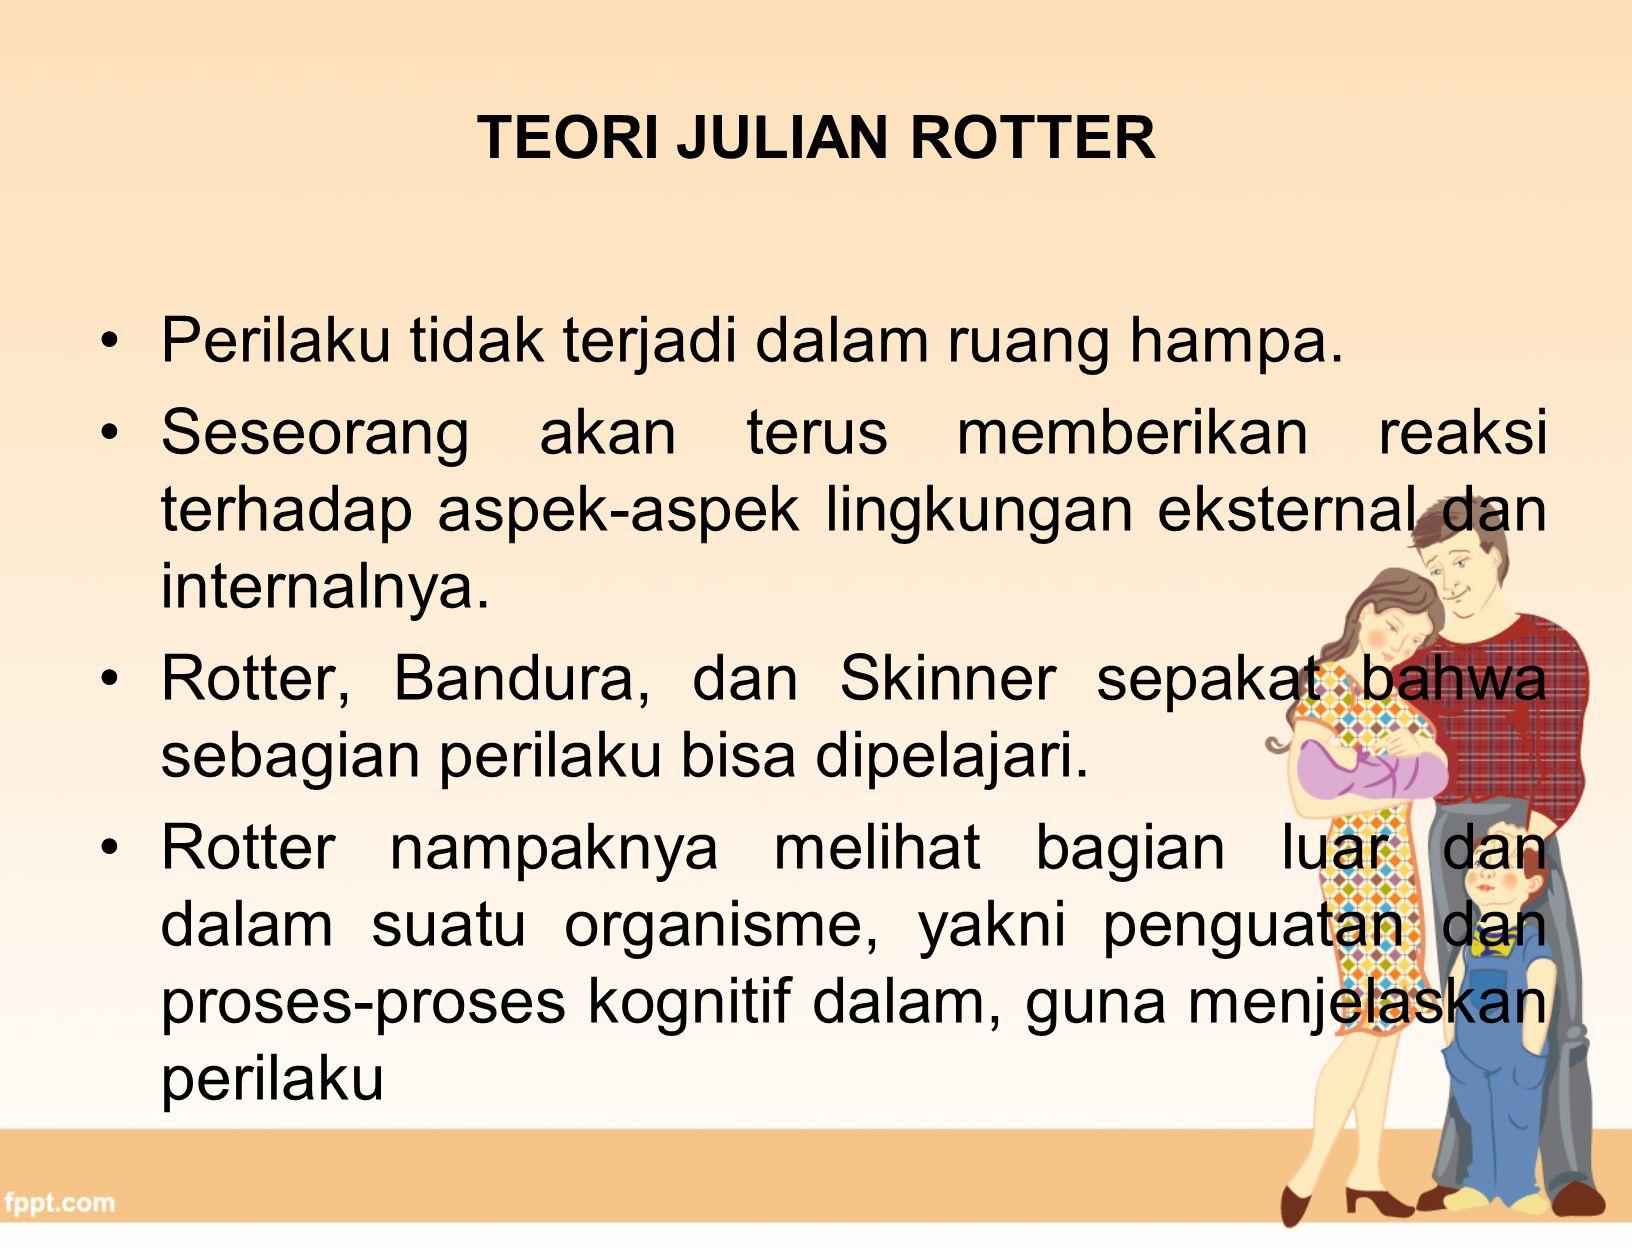 TEORI JULIAN ROTTER Rotter menyebut karyanya sebagai teori kepribadian pembelajaran-sosial untuk menunjukkan kepercayaannya bahwa kita bisa mempelajari perilaku kita melalui pengalaman sosial kita.